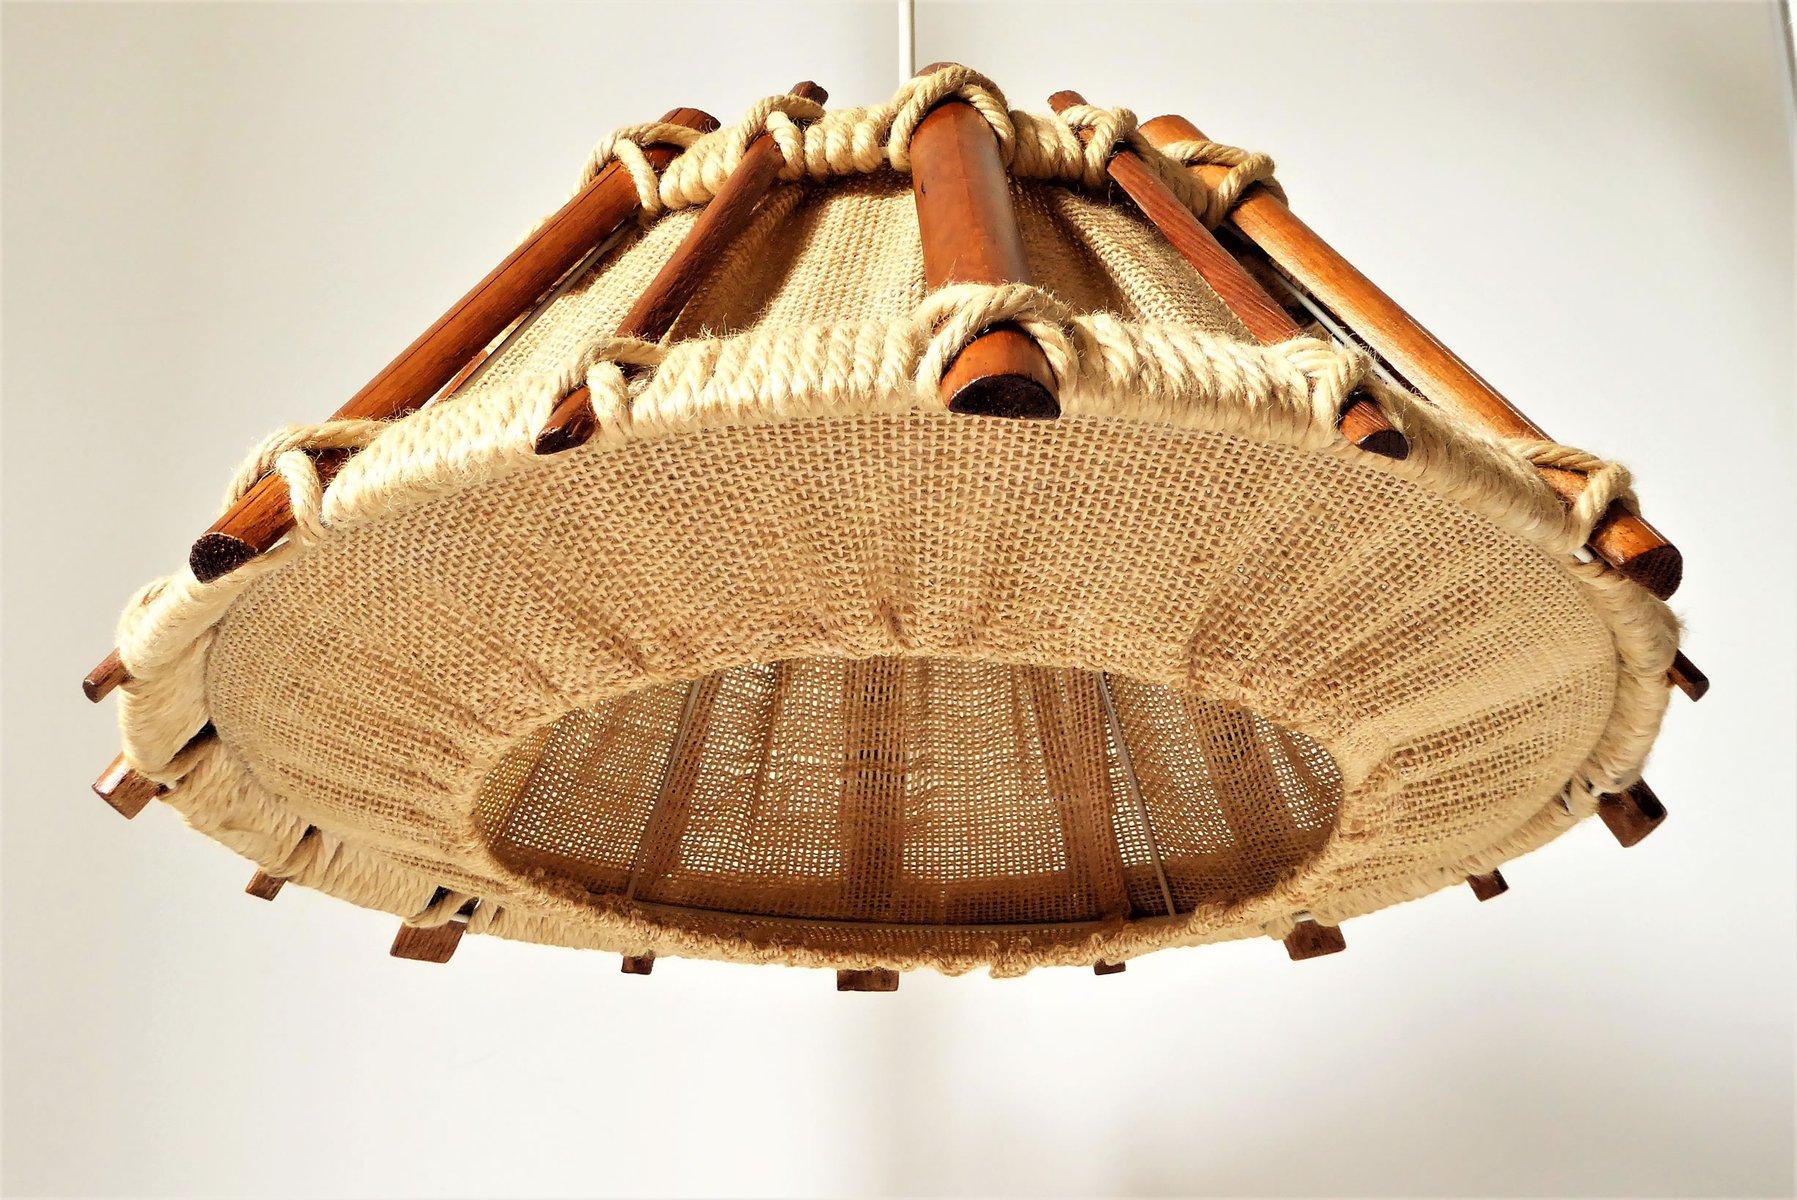 skandinavisch h ngelampe aus holz seil 1960er bei. Black Bedroom Furniture Sets. Home Design Ideas